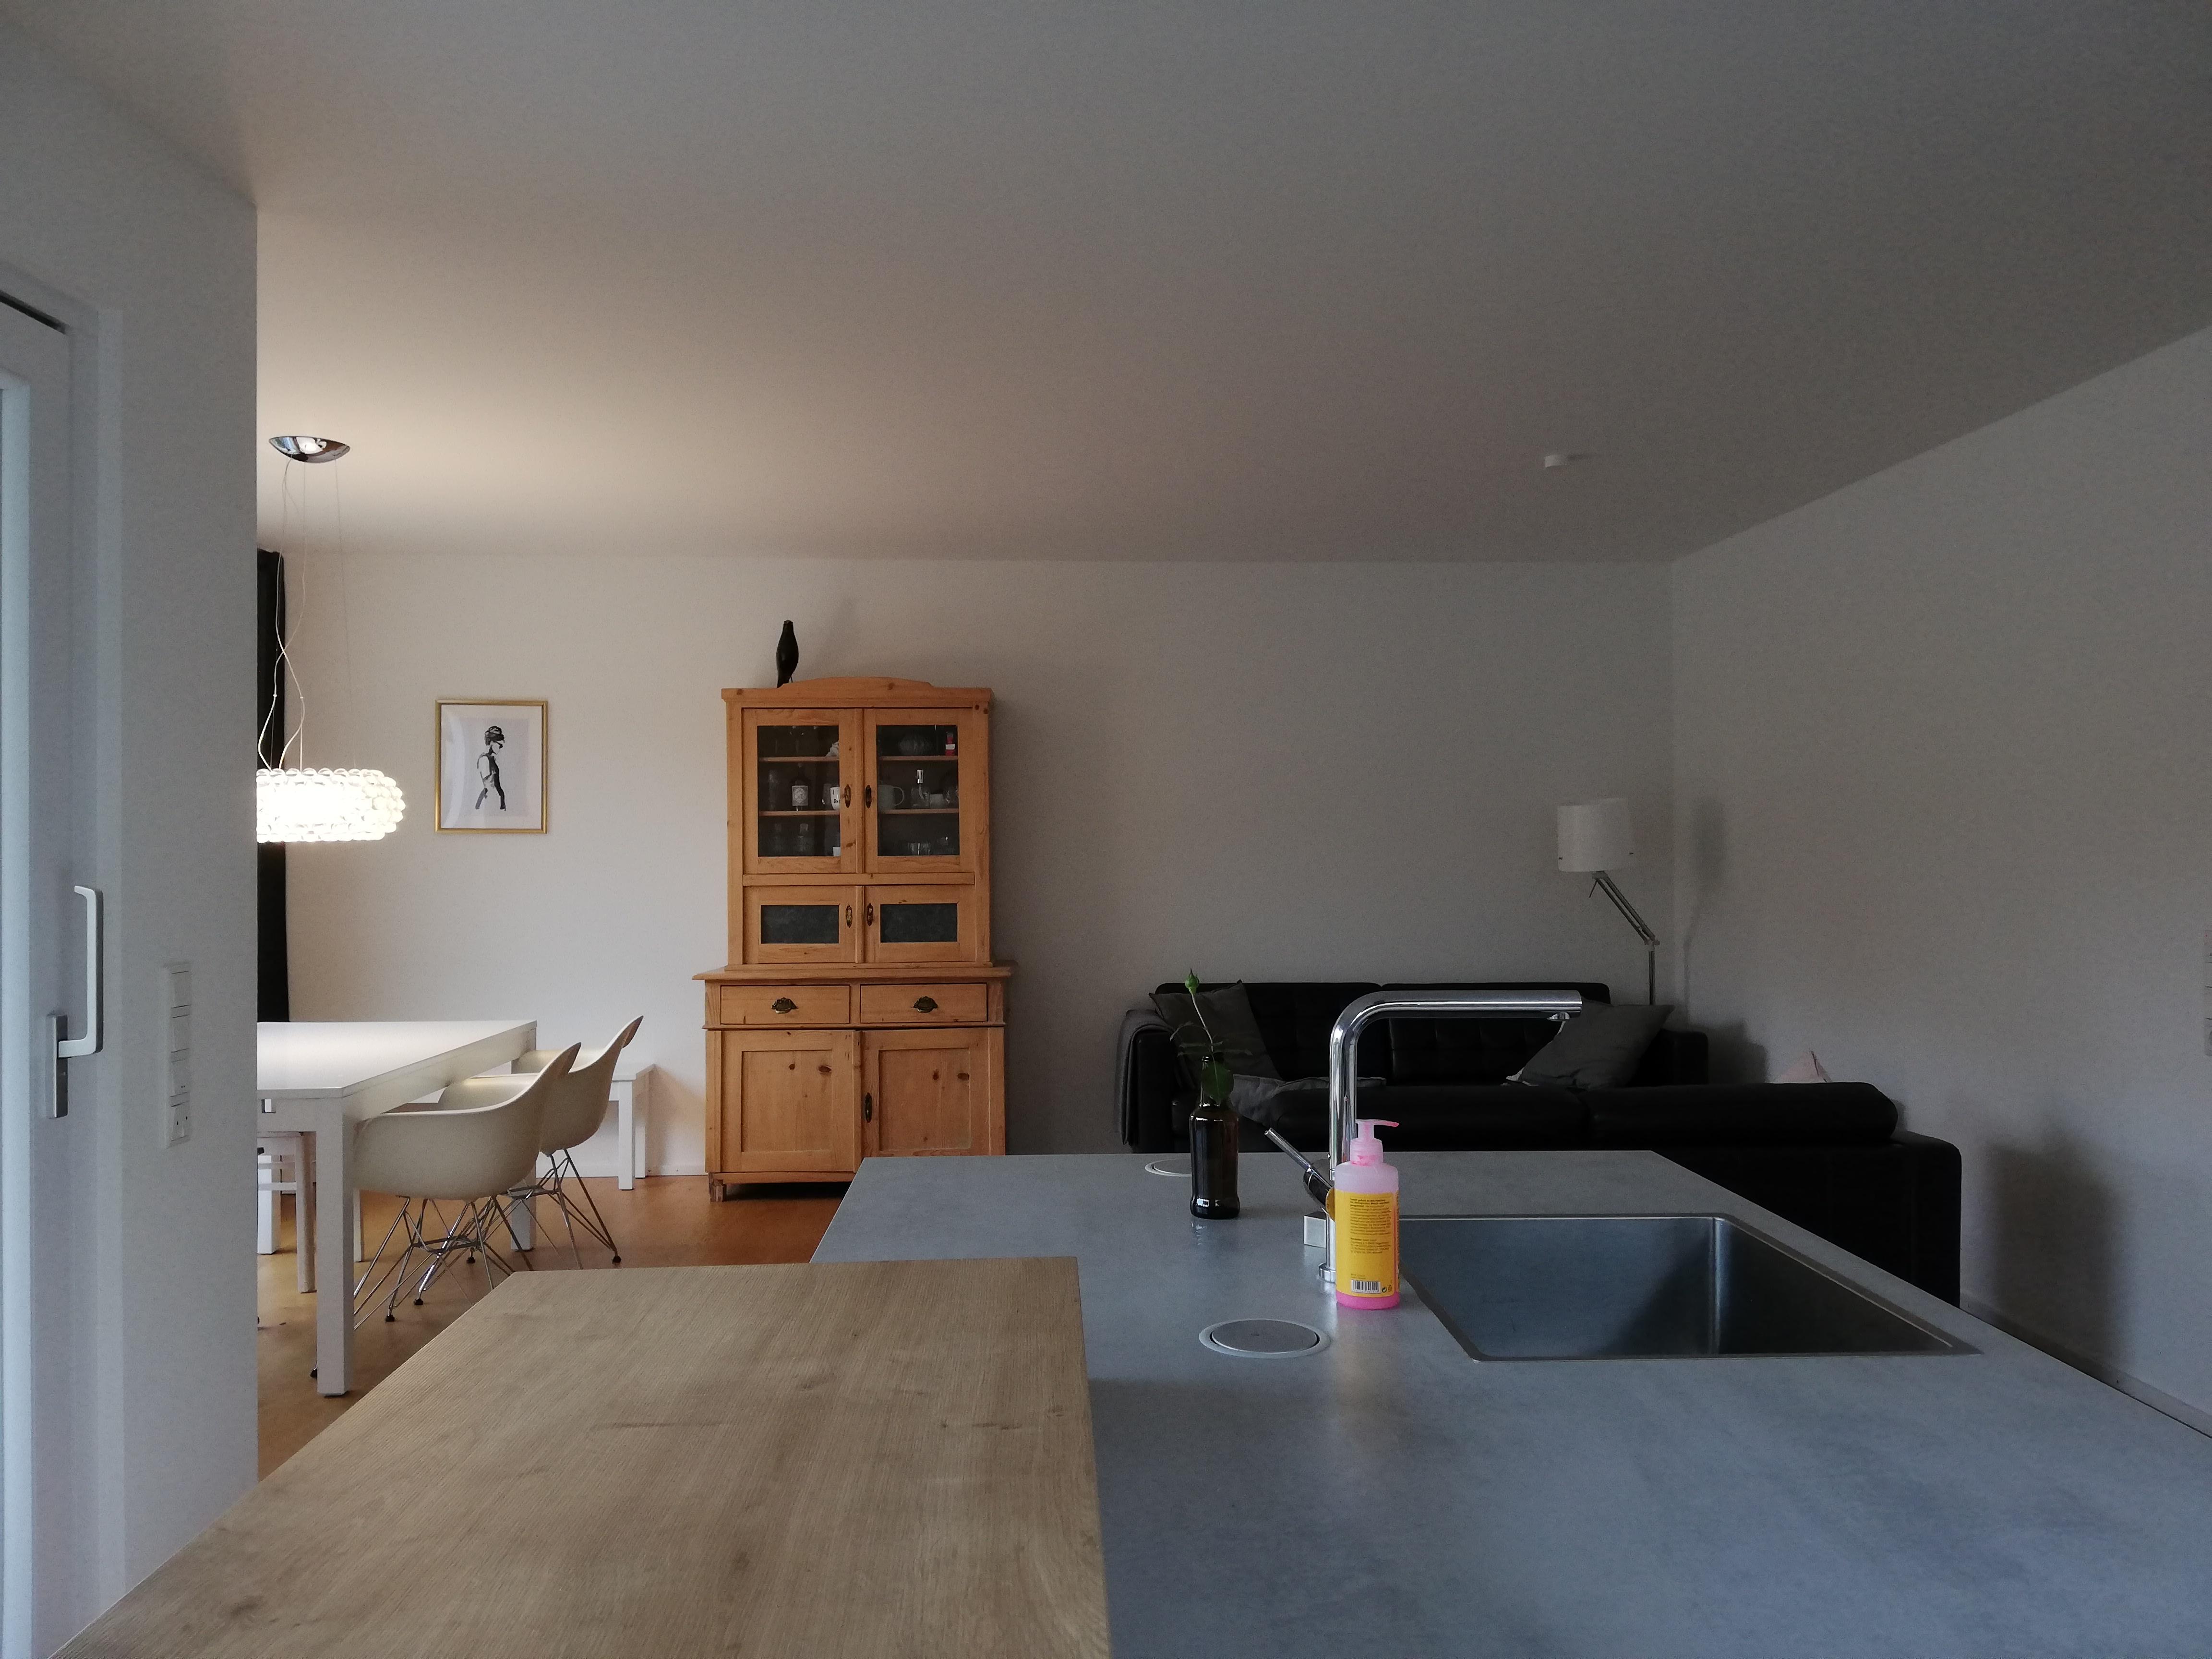 Vor der Einrichtungsberatung wirkt der Wohn- und Essbereich kalt und nicht wohnlich.